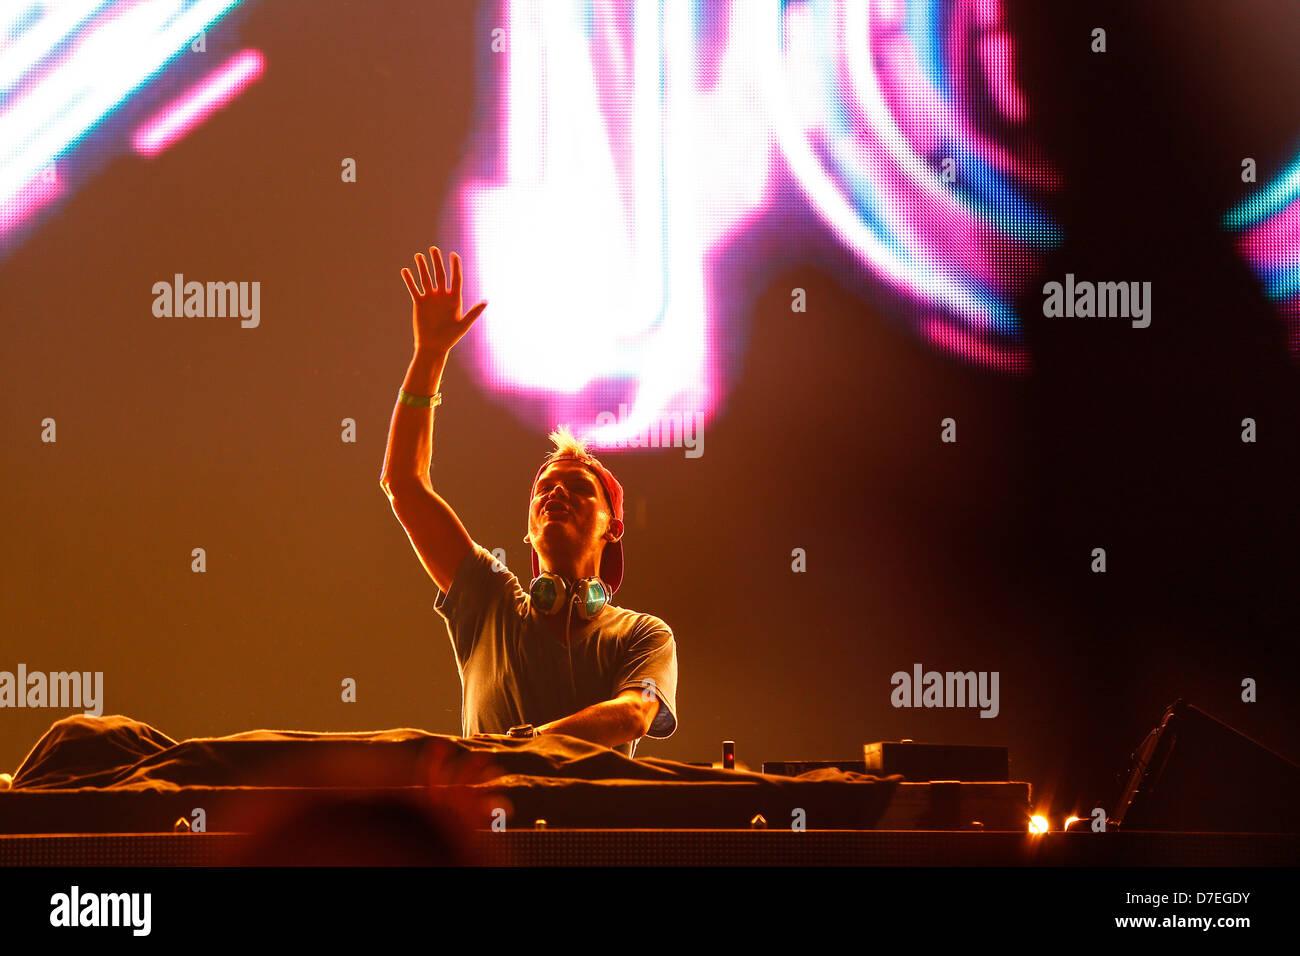 DJMag top-20 DJ: Avicii - Stock Image